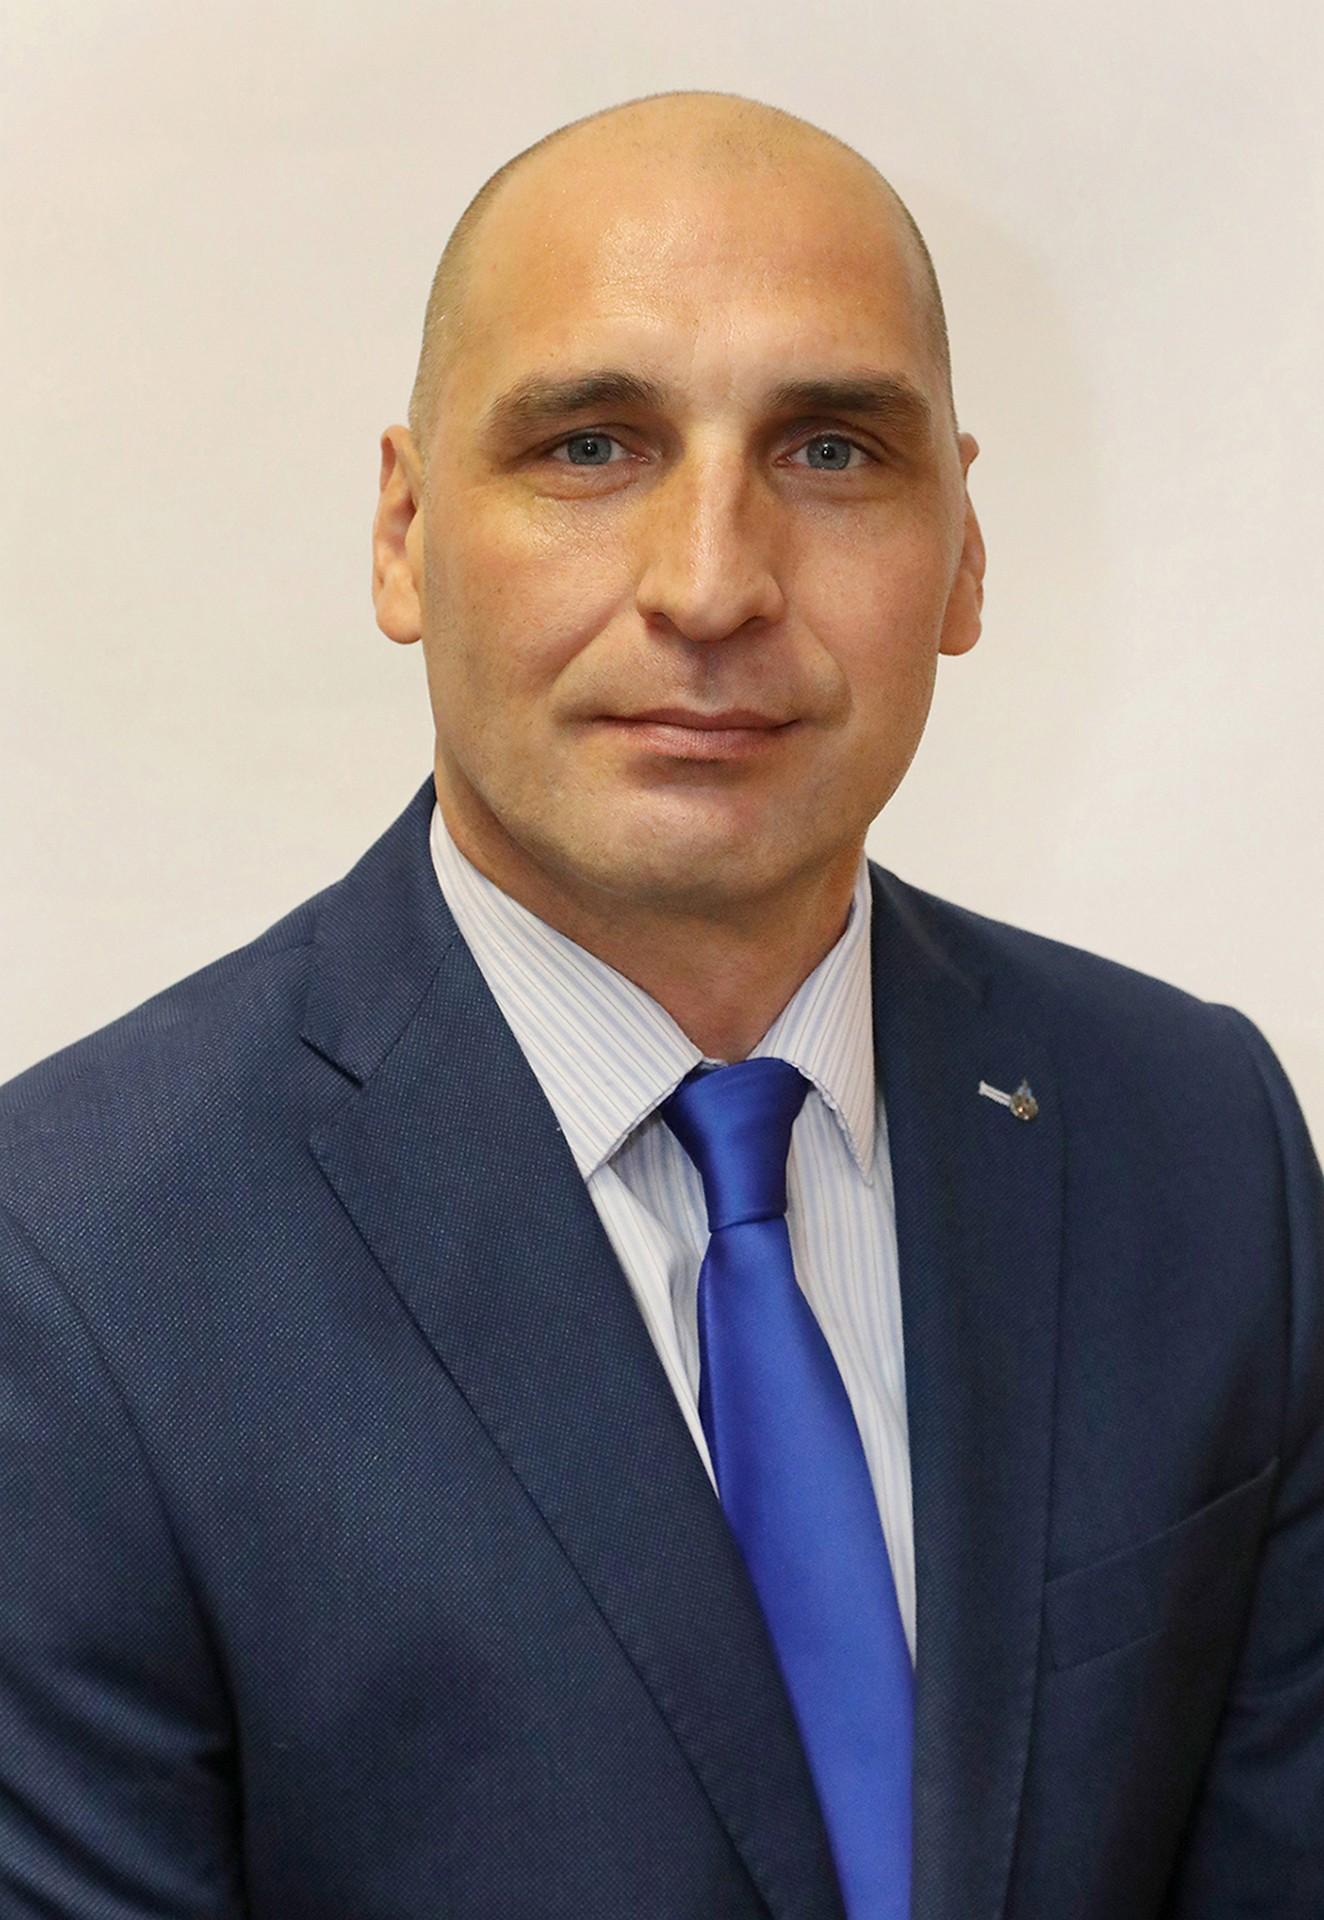 Назначен главный архитектор города - начальник отдела архитектуры и градостроительства администрации города Байконура